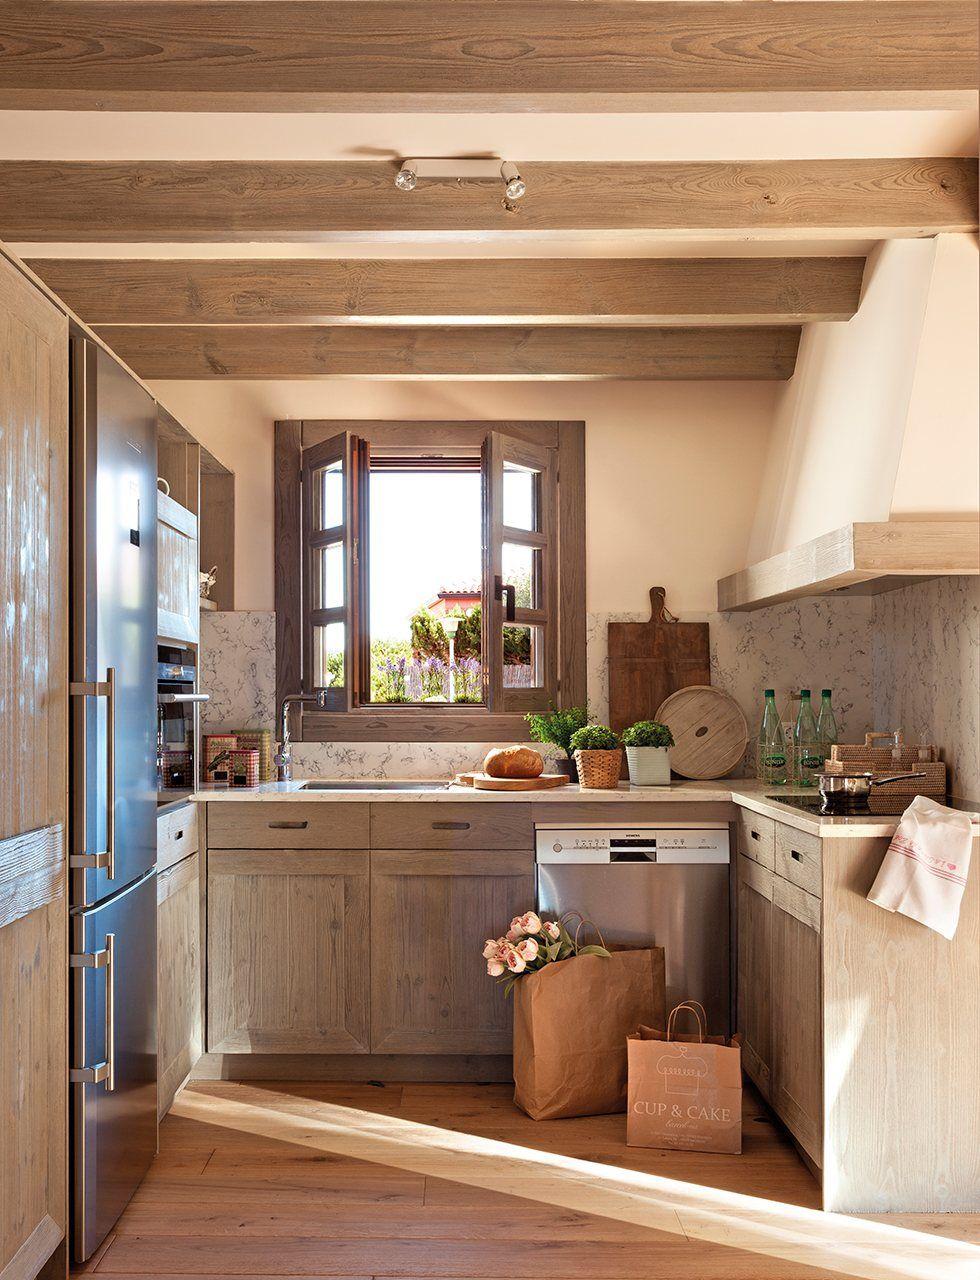 Reforma total! De casa gris a juego de alturas | Kitchens, Nice and ...